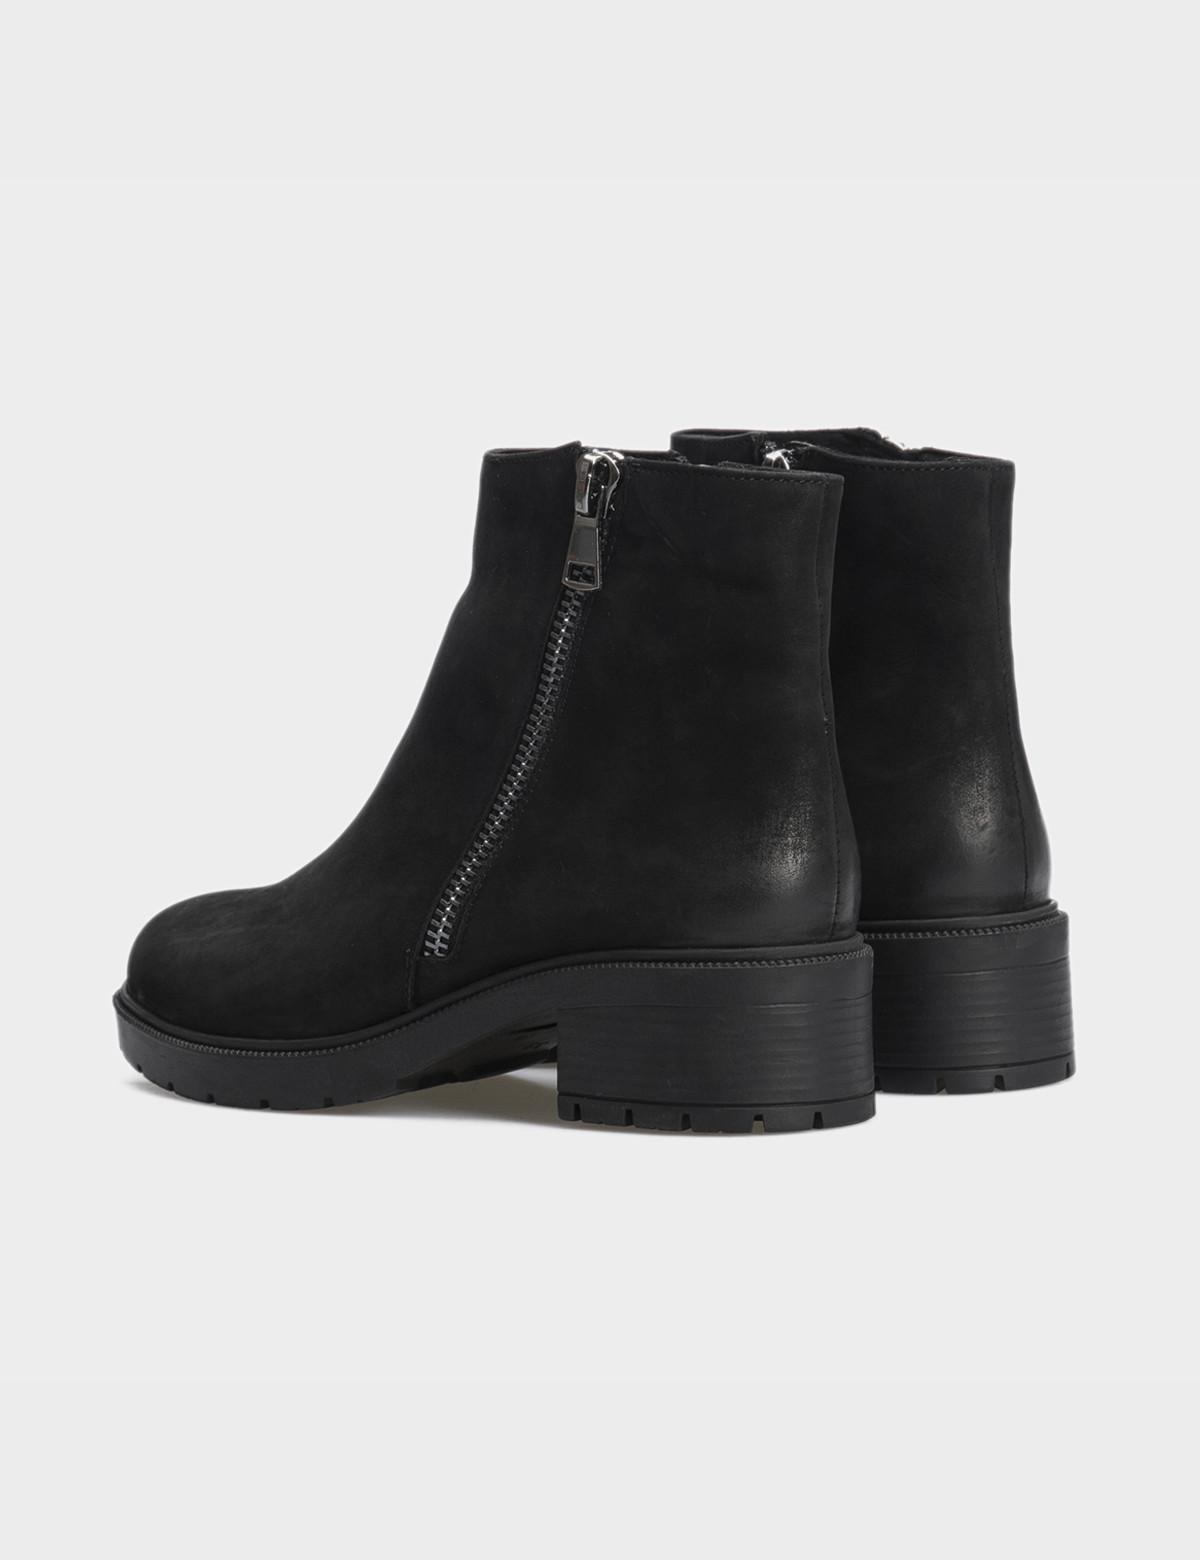 Ботинки черные натуральный нубук. Шерсть2